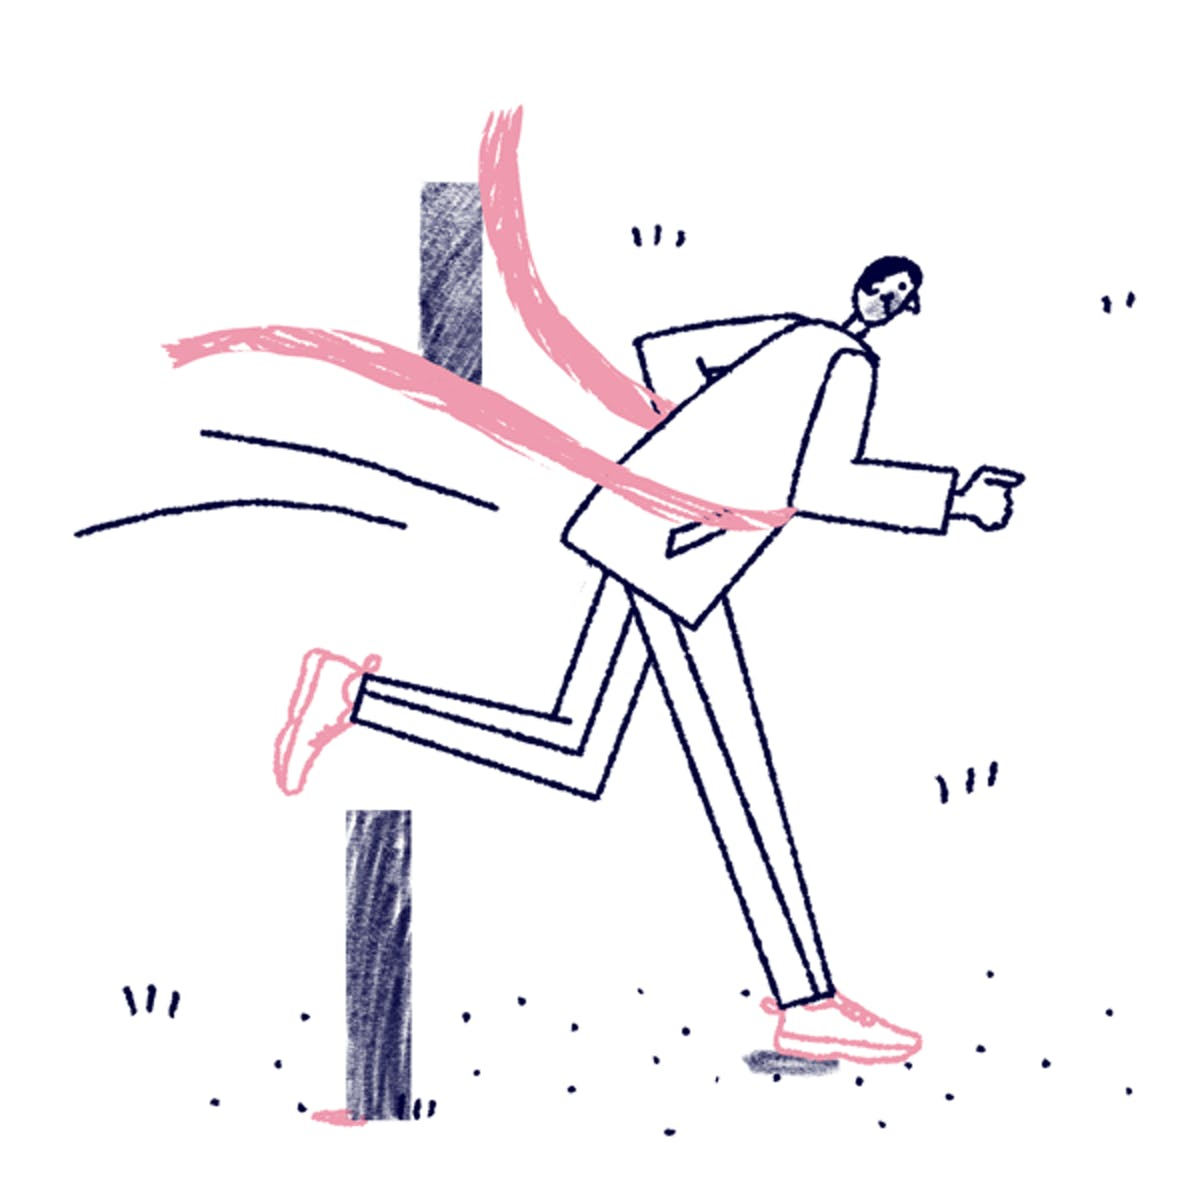 suit runner illustration